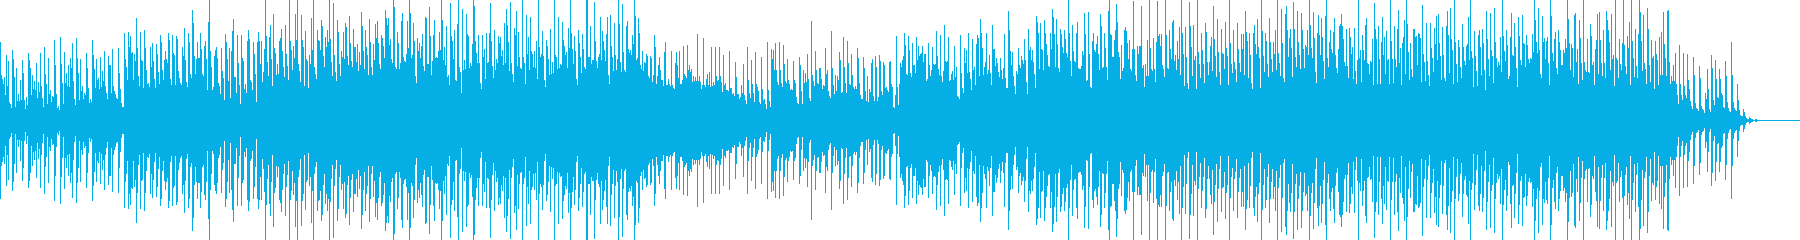 シーケンスフレーズが印象的なノリの良い曲の再生済みの波形